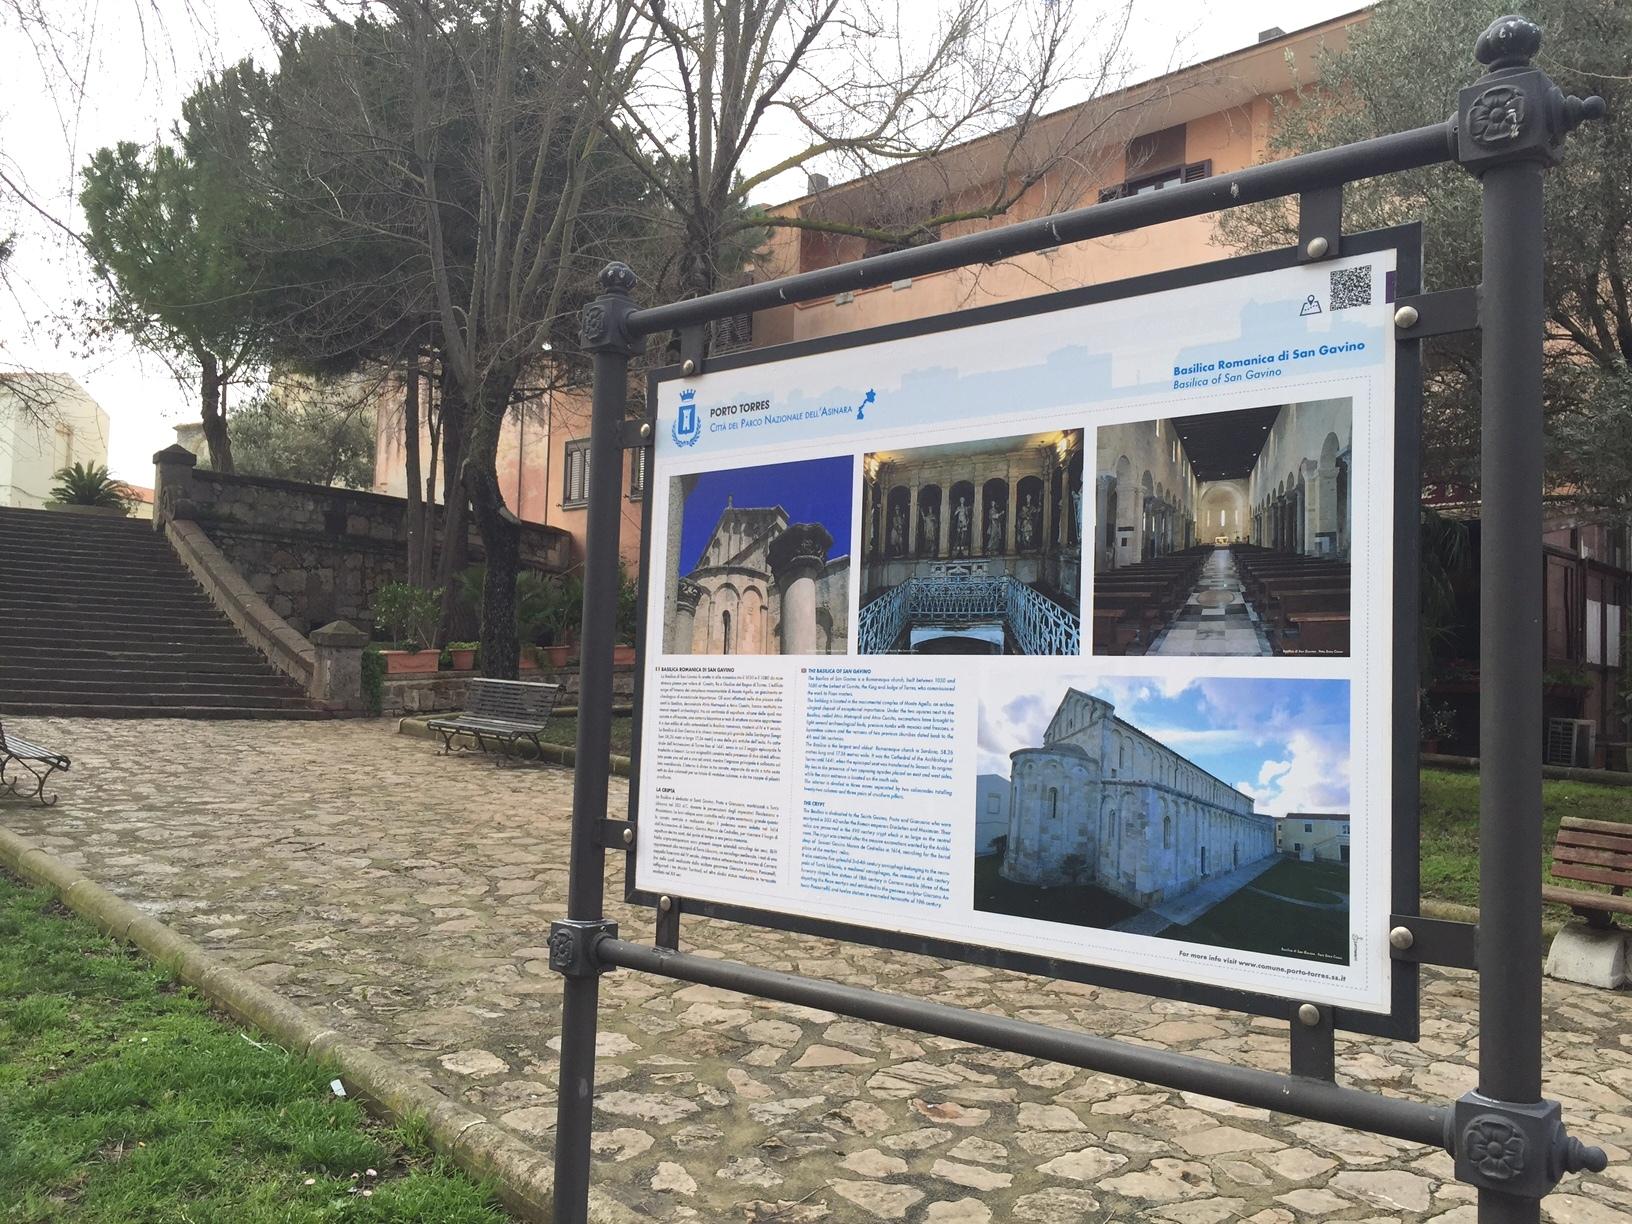 Pannello Basilica. Febbraio 2015 Nuovi Cartelli Informativi nei Siti di Interesse Turistico. In evidenza la mappa della città e le immagini dei luoghi più suggestivi di Porto Torres.